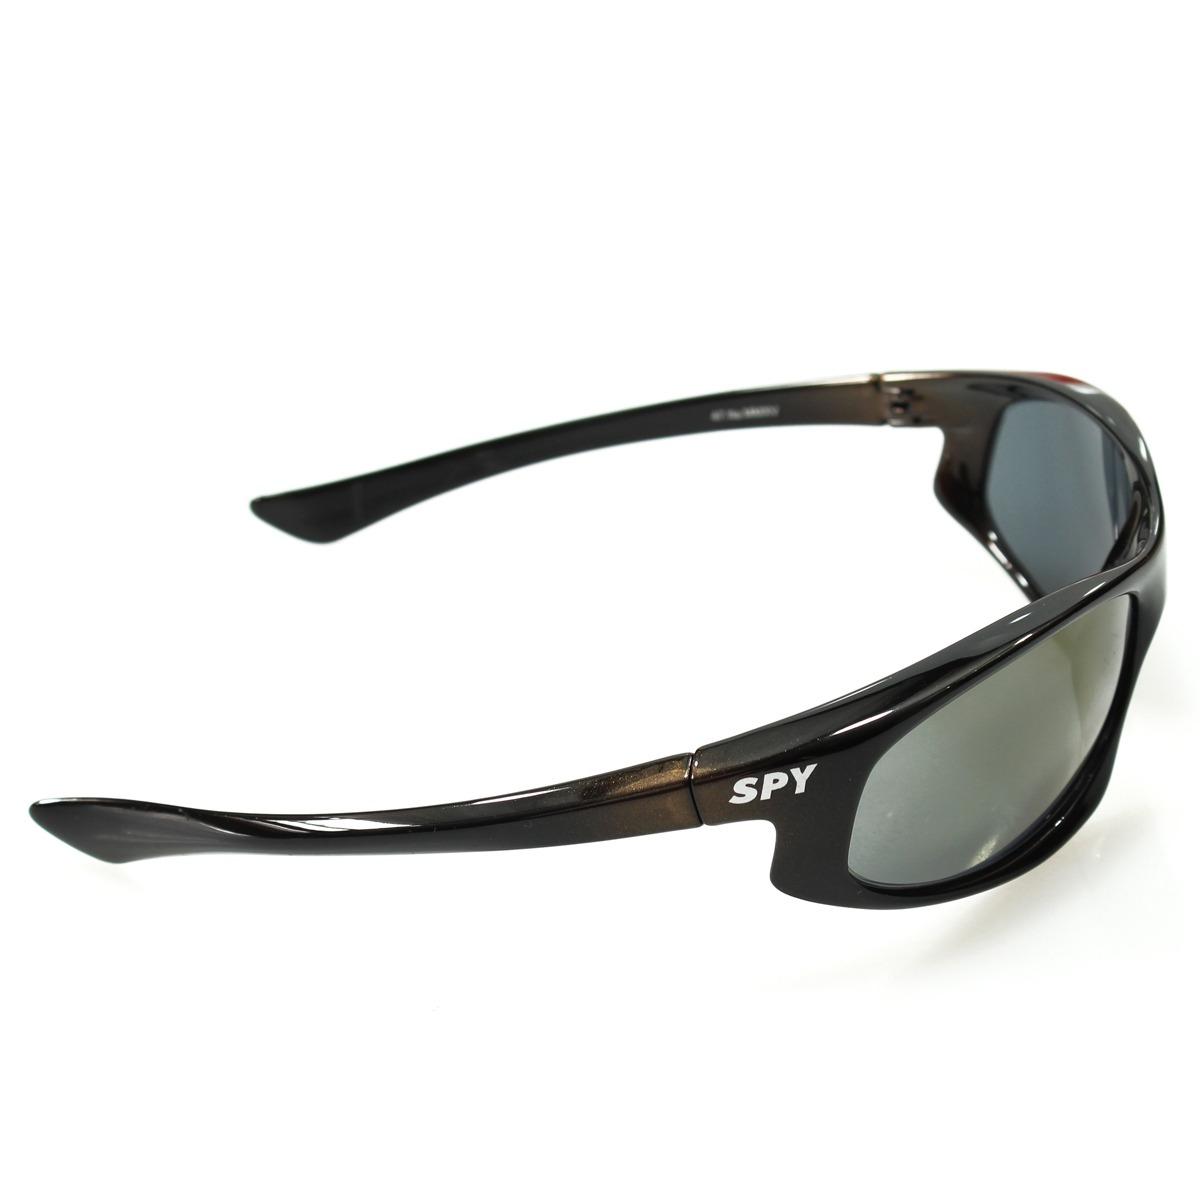 e6324a35441a3 Óculos Spy Modelo Ita 47 Mmxv - R  254,20 em Mercado Livre